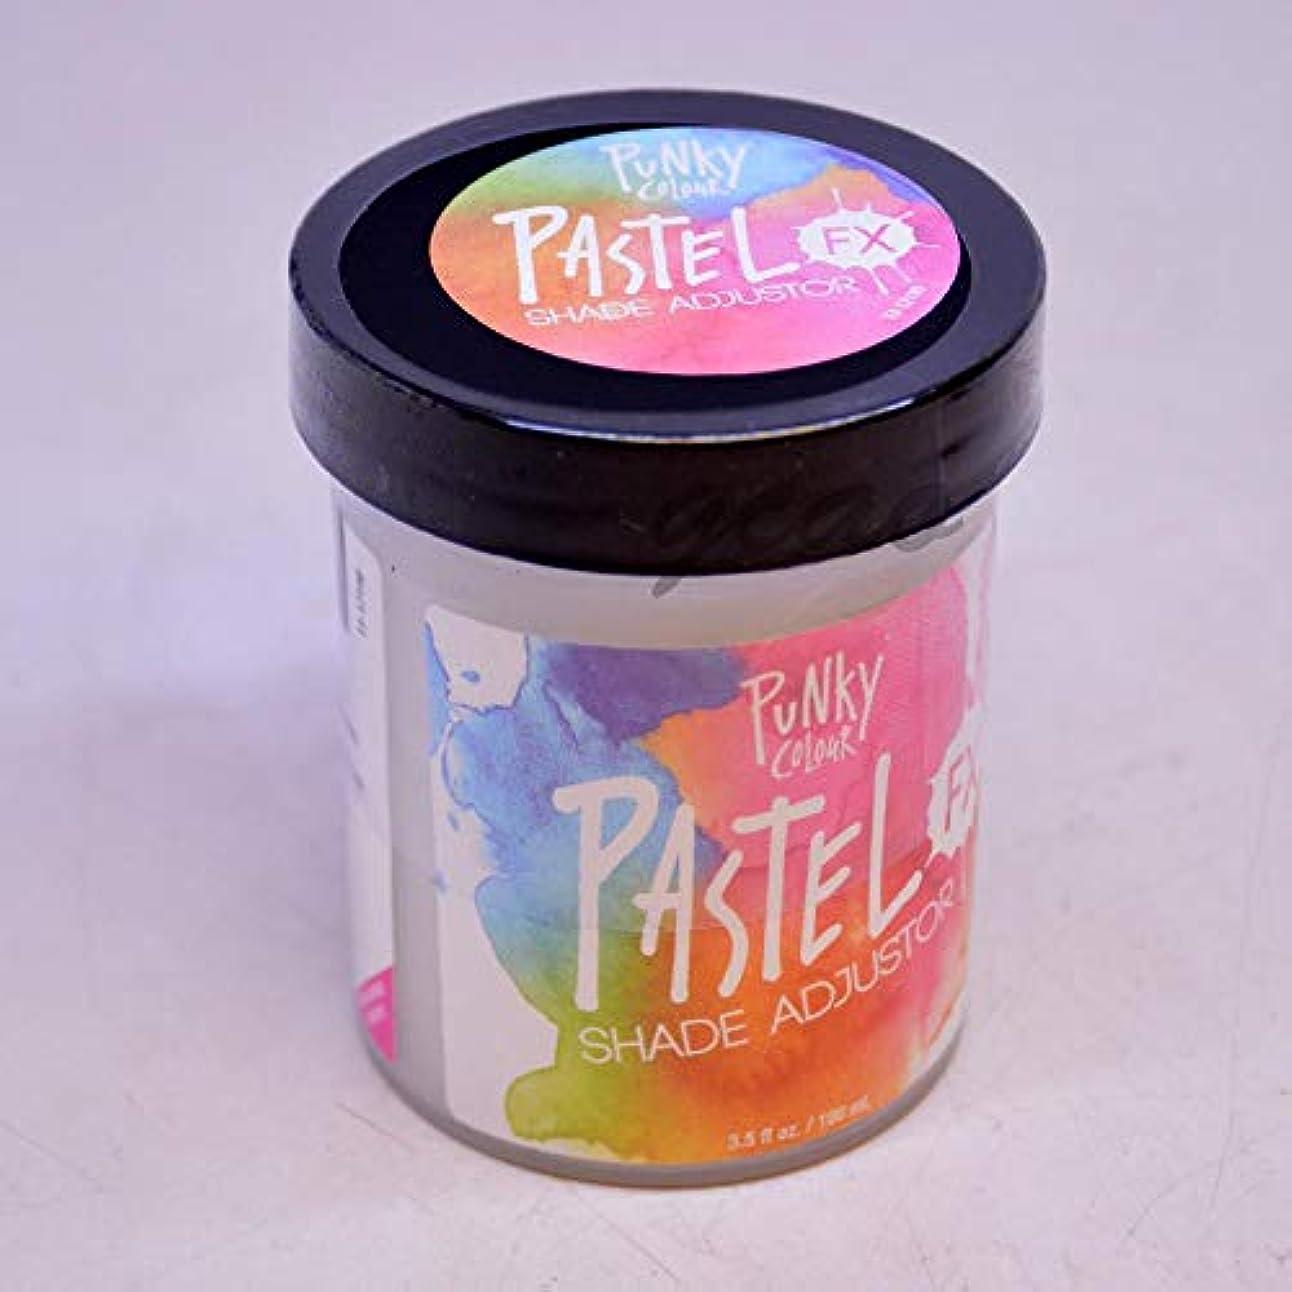 ヒューバートハドソンペースト製作JEROME RUSSELL Punky Color Semi-Permanent Conditioning Hair Color - Pastel FX Shade Adjuster (並行輸入品)